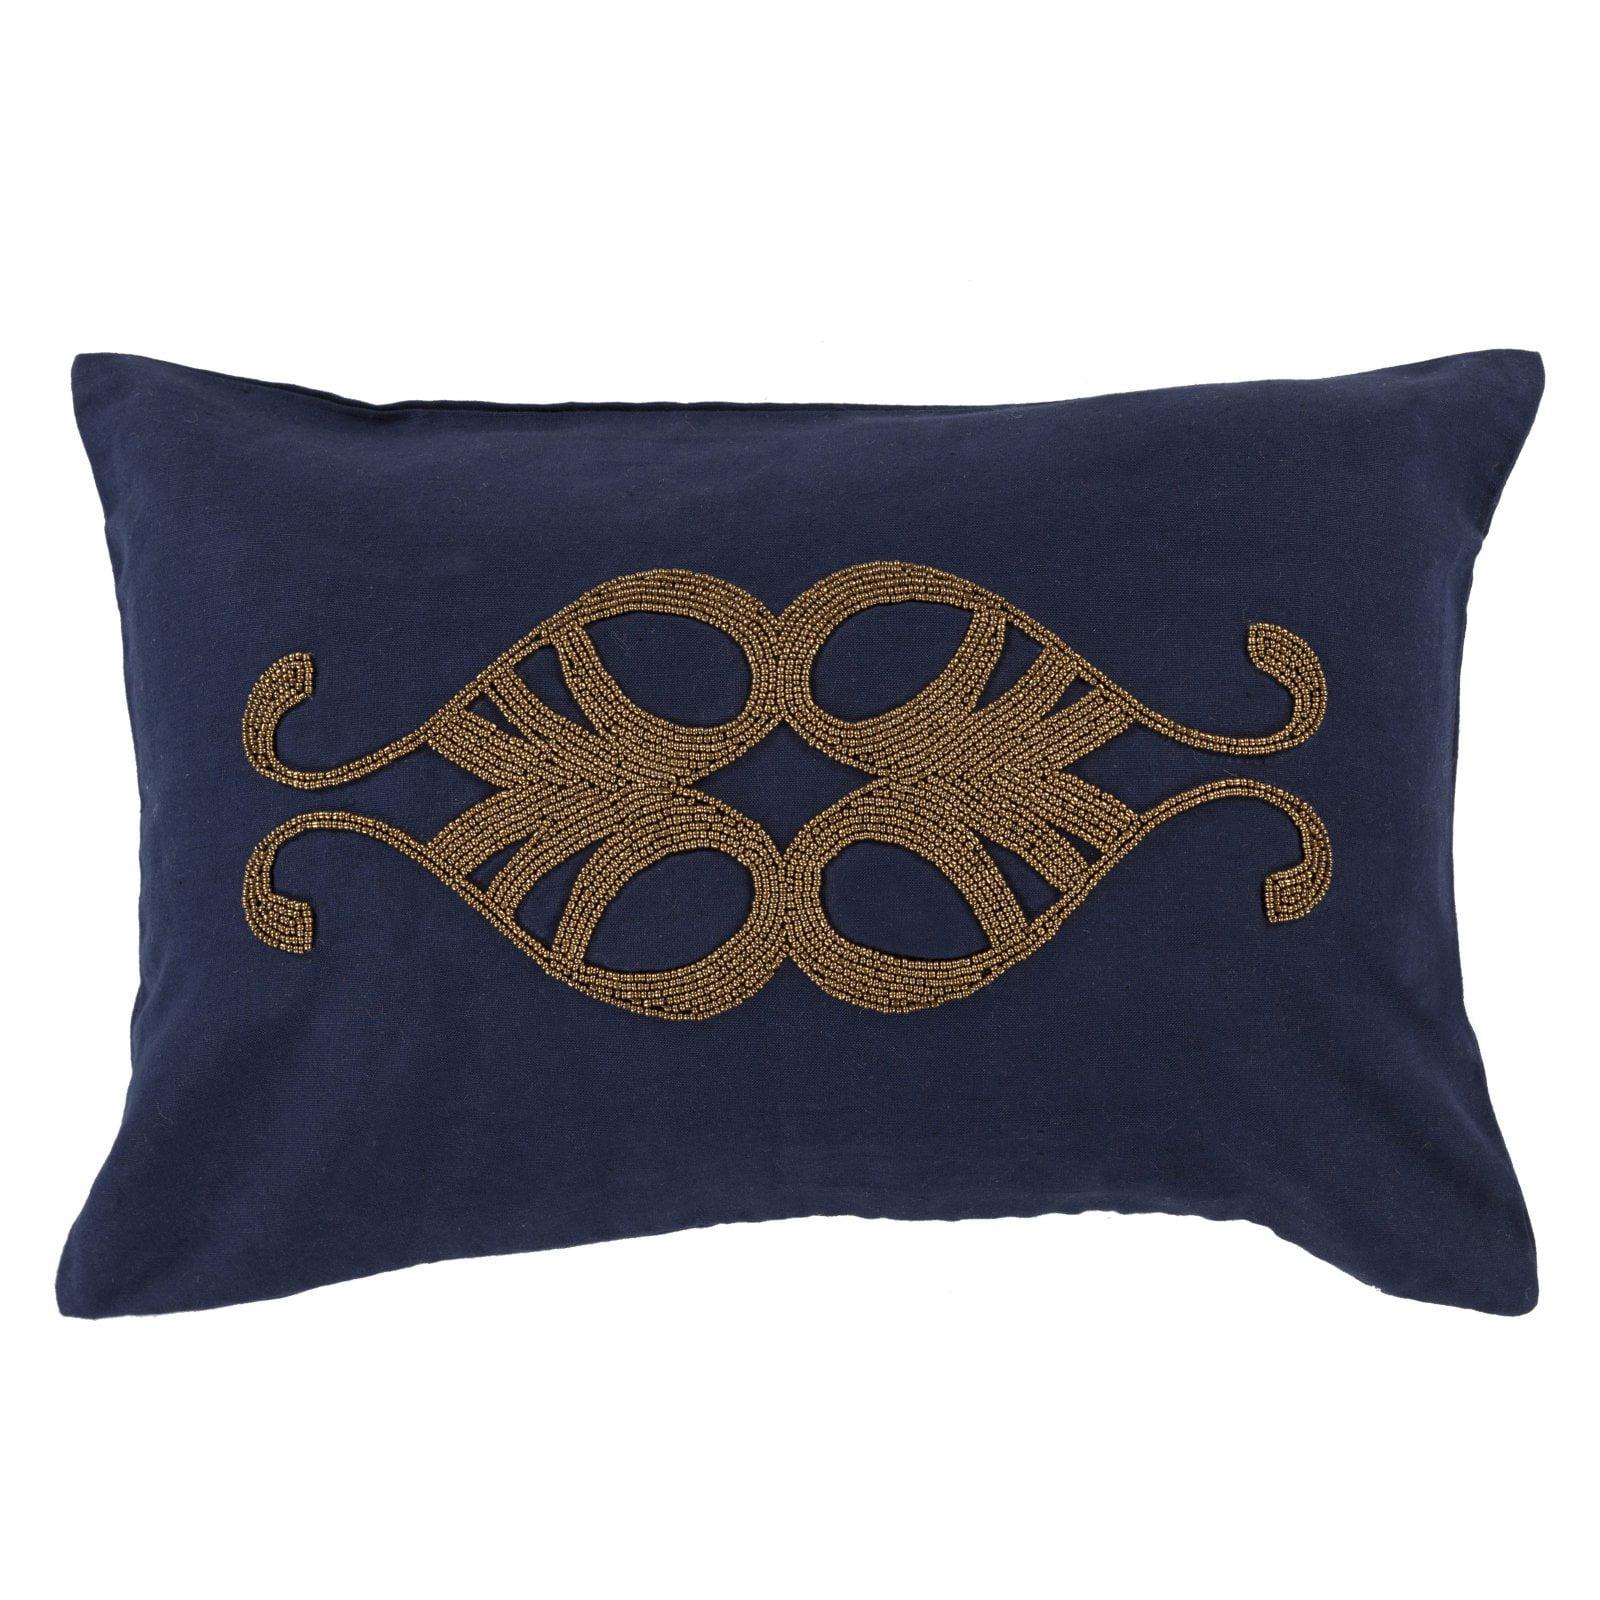 Surya Cairo Rectangle Decorative Throw Pillow